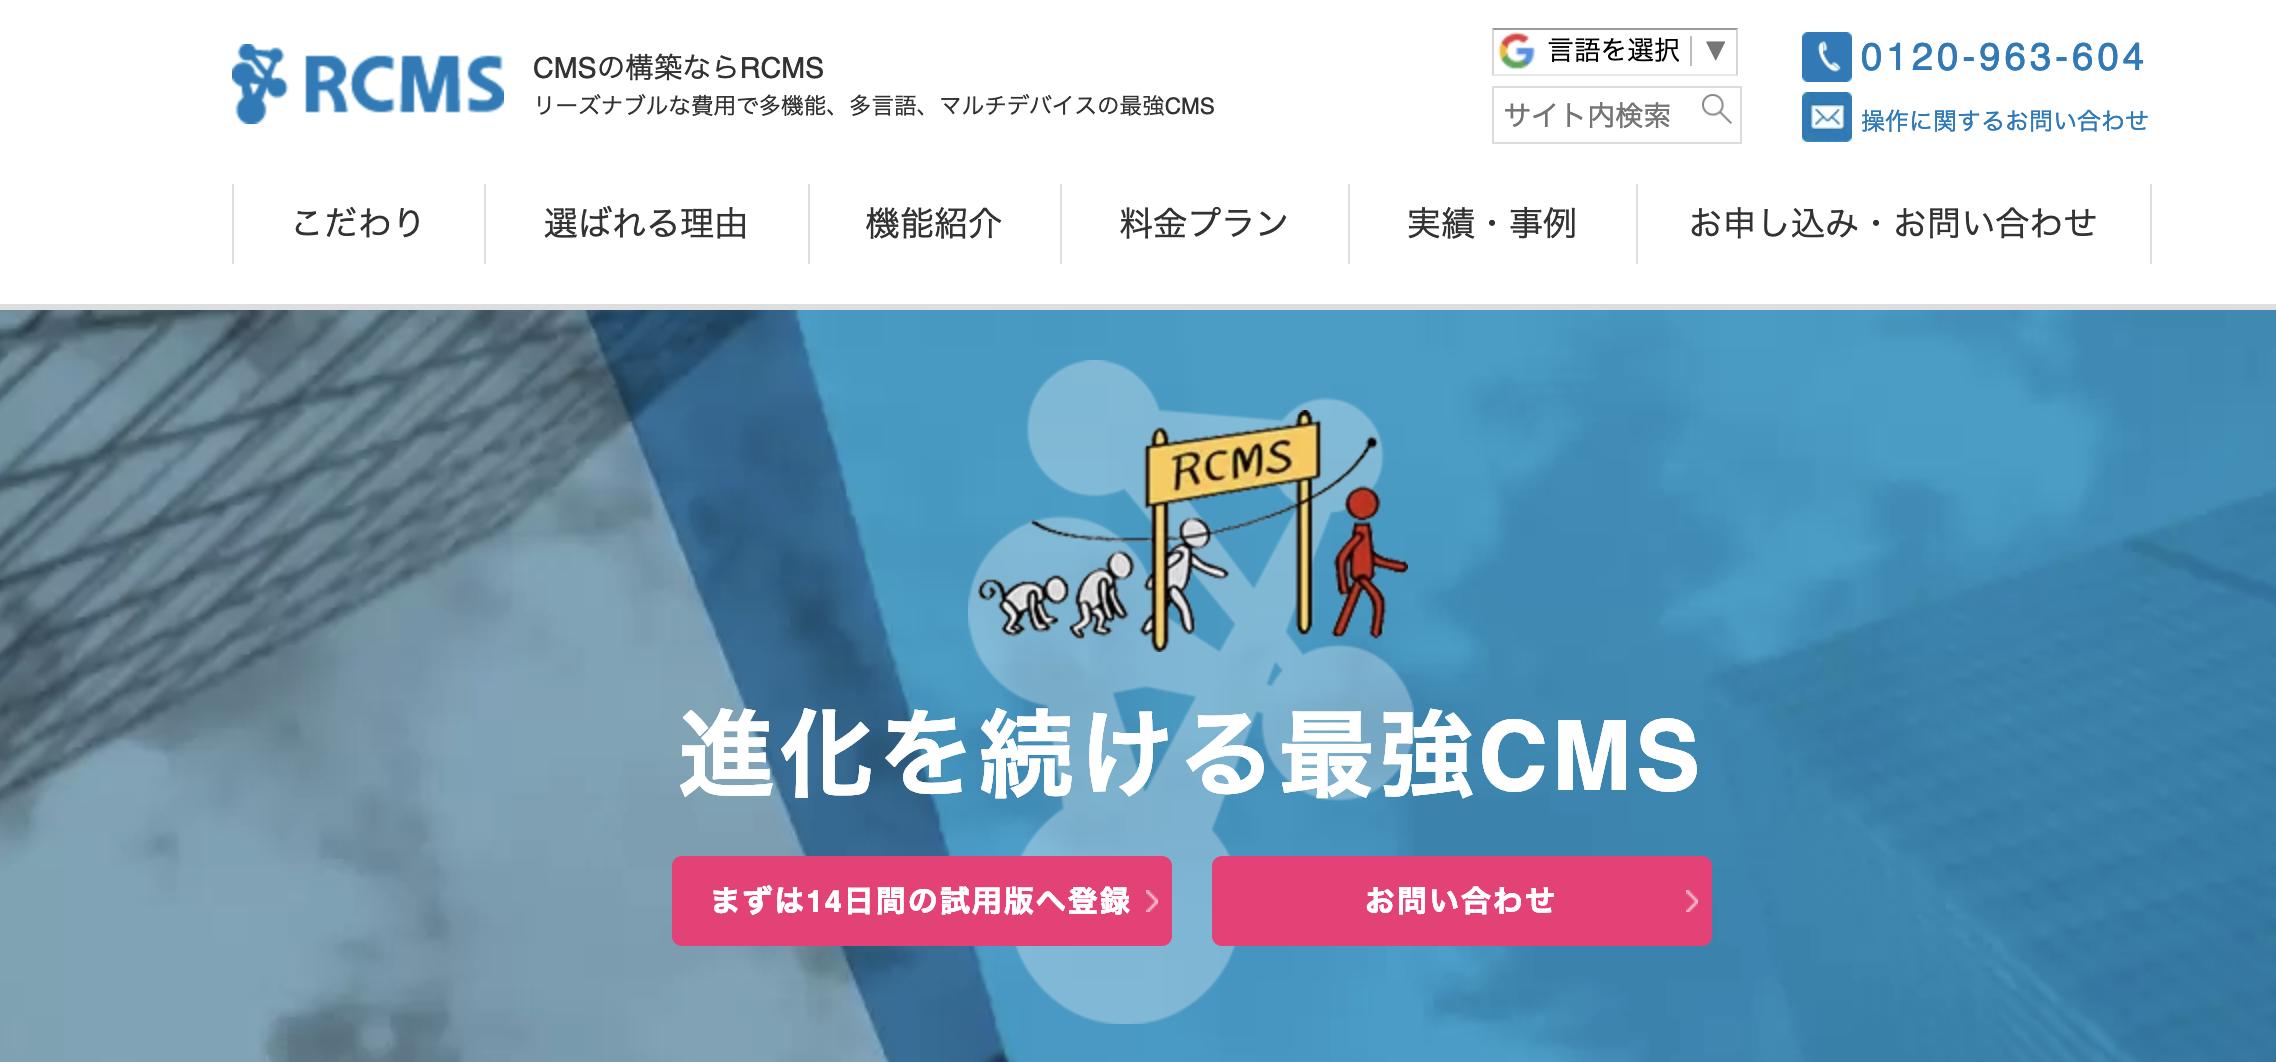 RCMS_トップページ